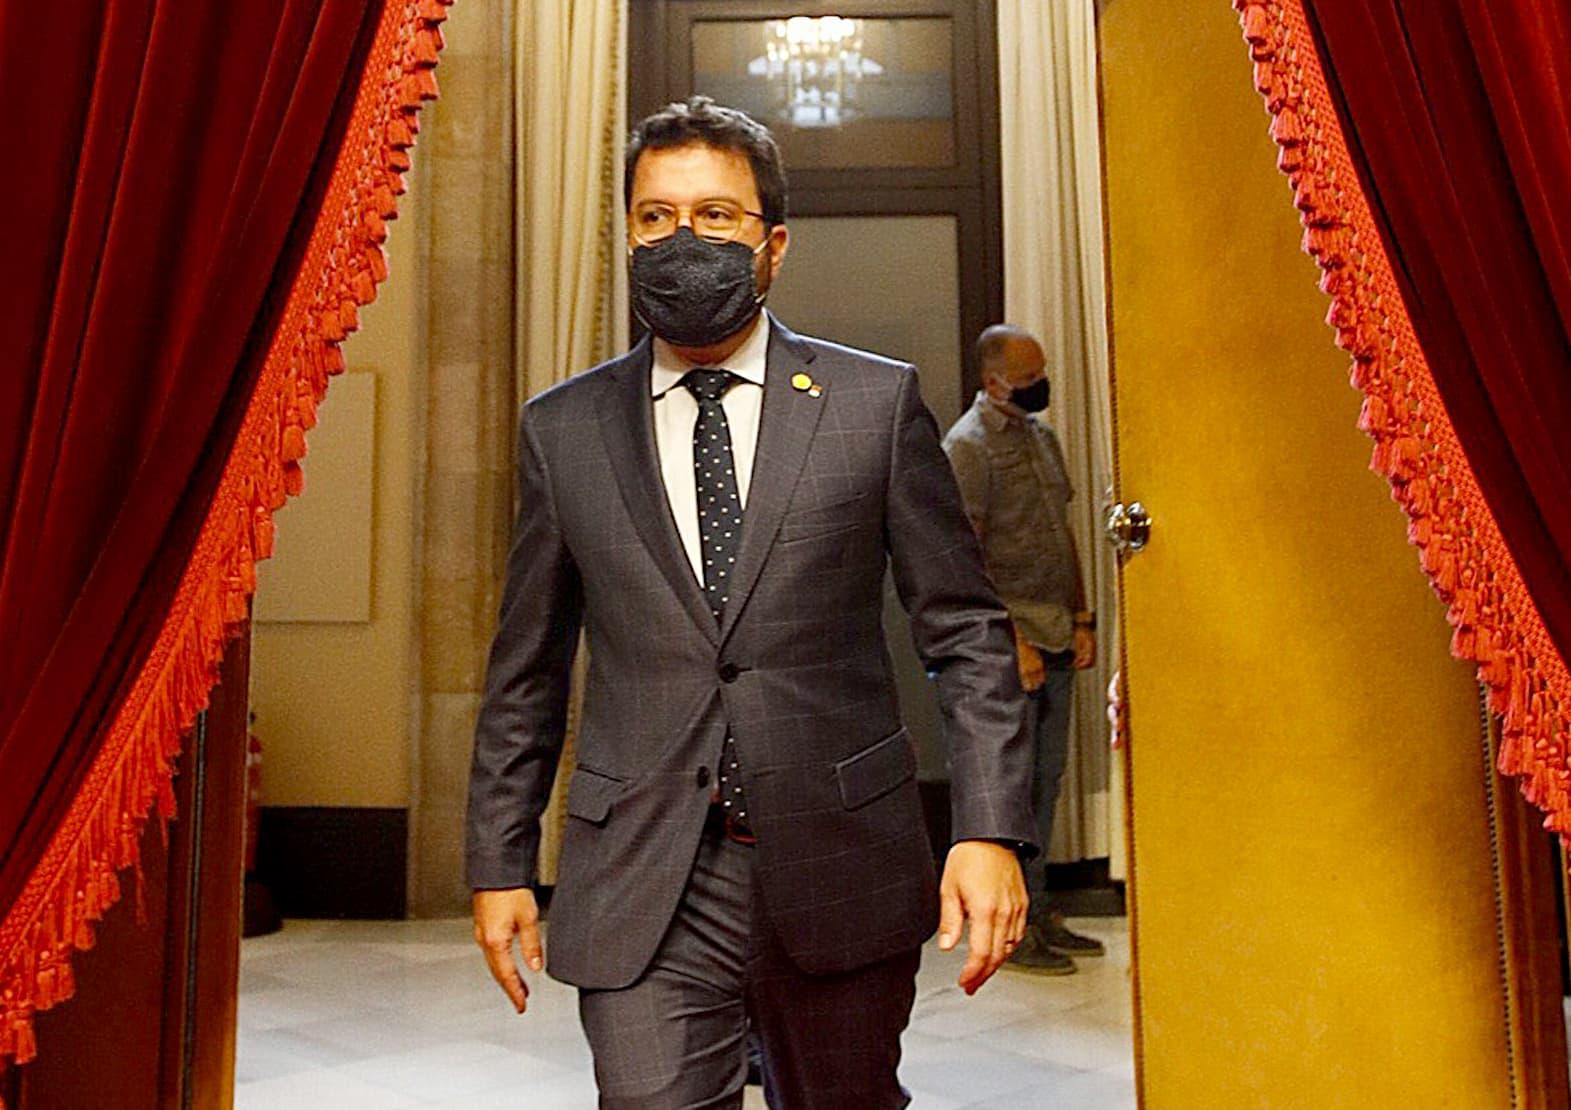 Pere Aragonès entrant a l'hemicicle del Parlament el 9 de setembre. Fotografia d'Alejandro Garcia. Efe.